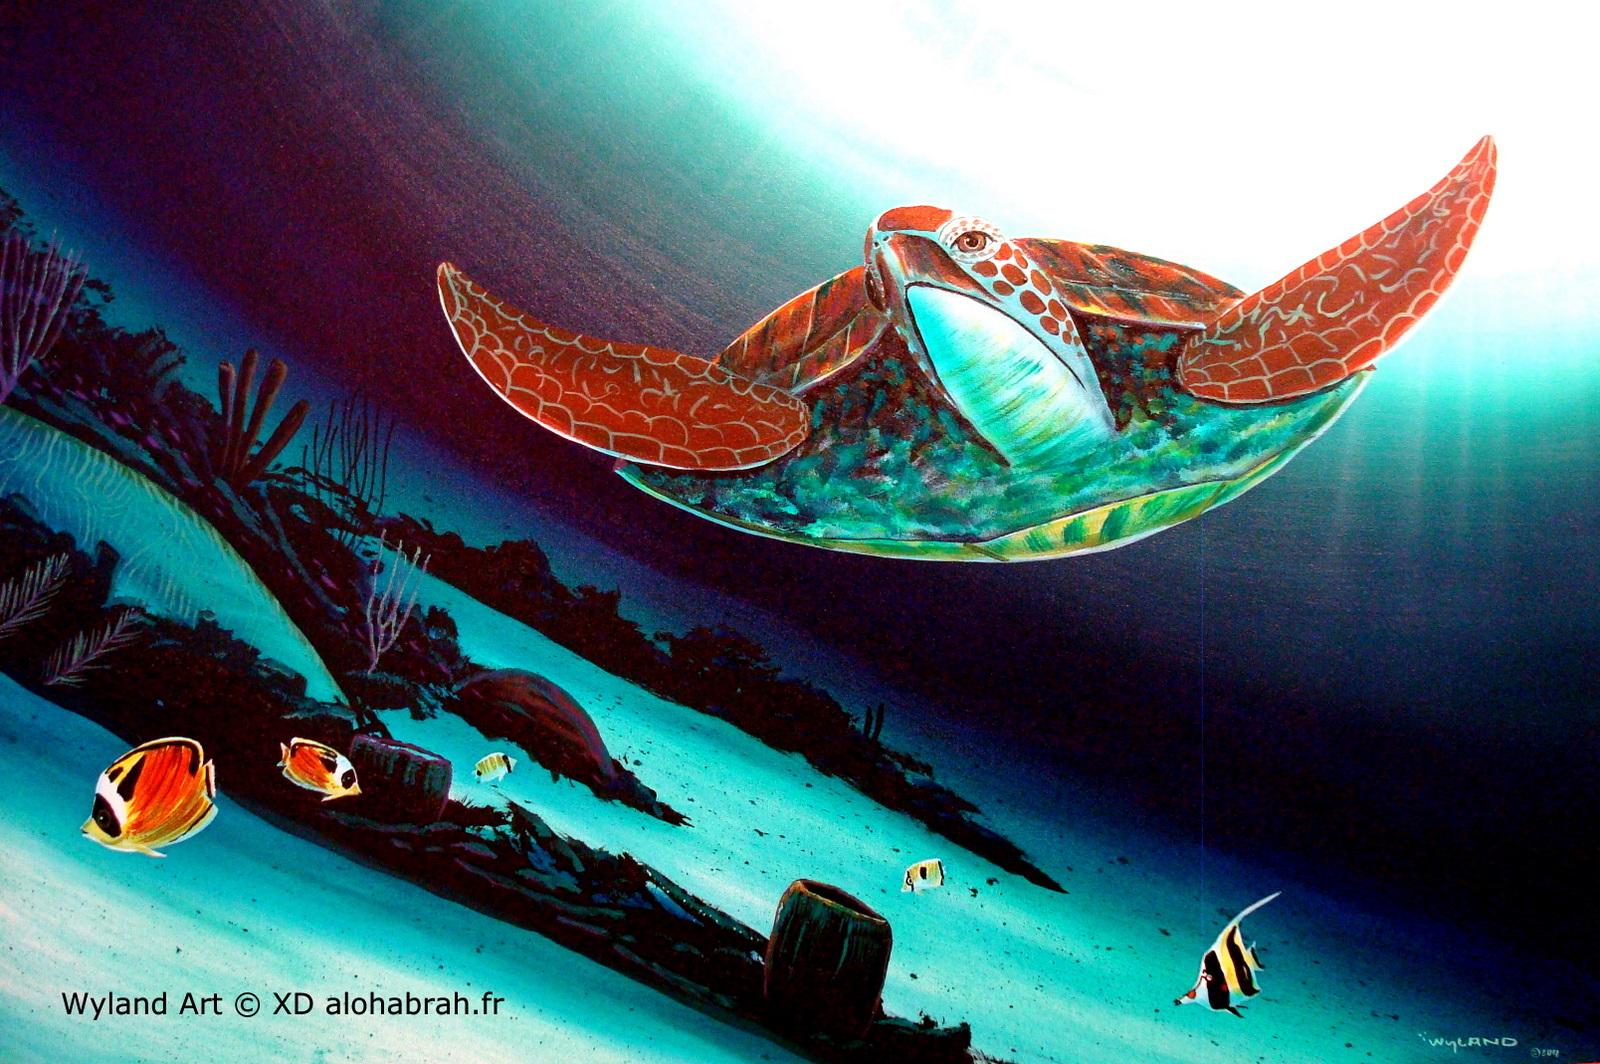 Hawaiian turtle - Wyland Art © XD alohabrah.fr